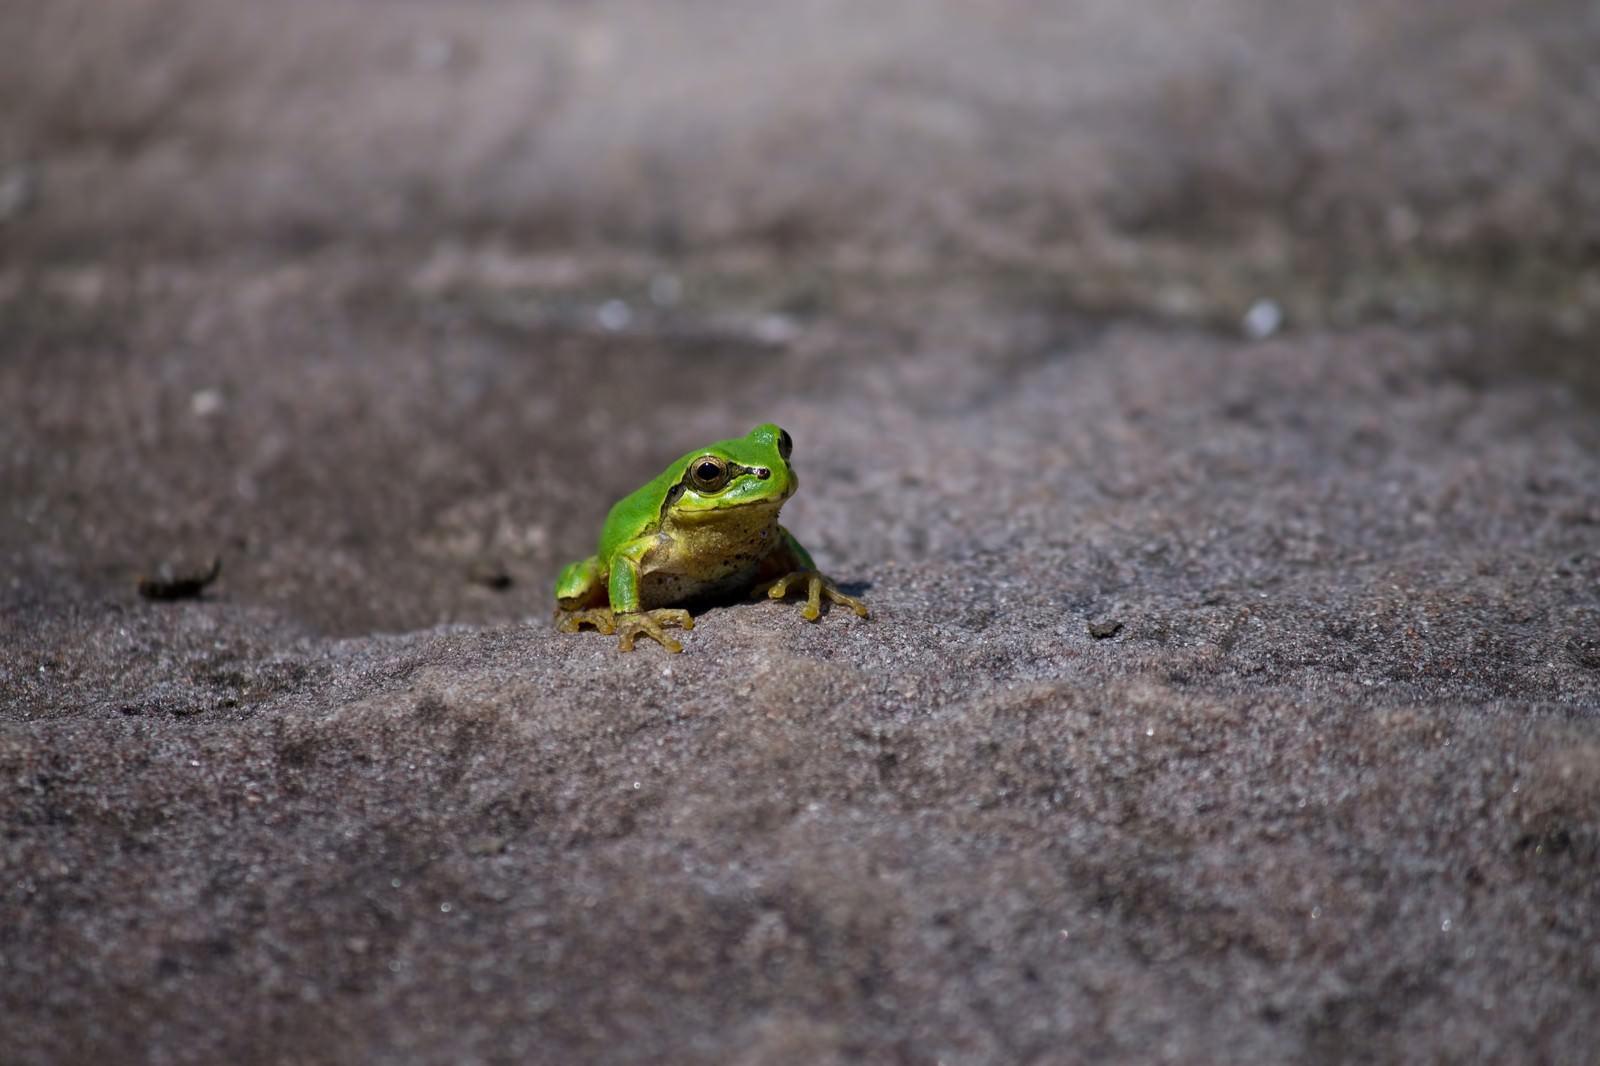 「アスファルトにいたアマガエル」の写真